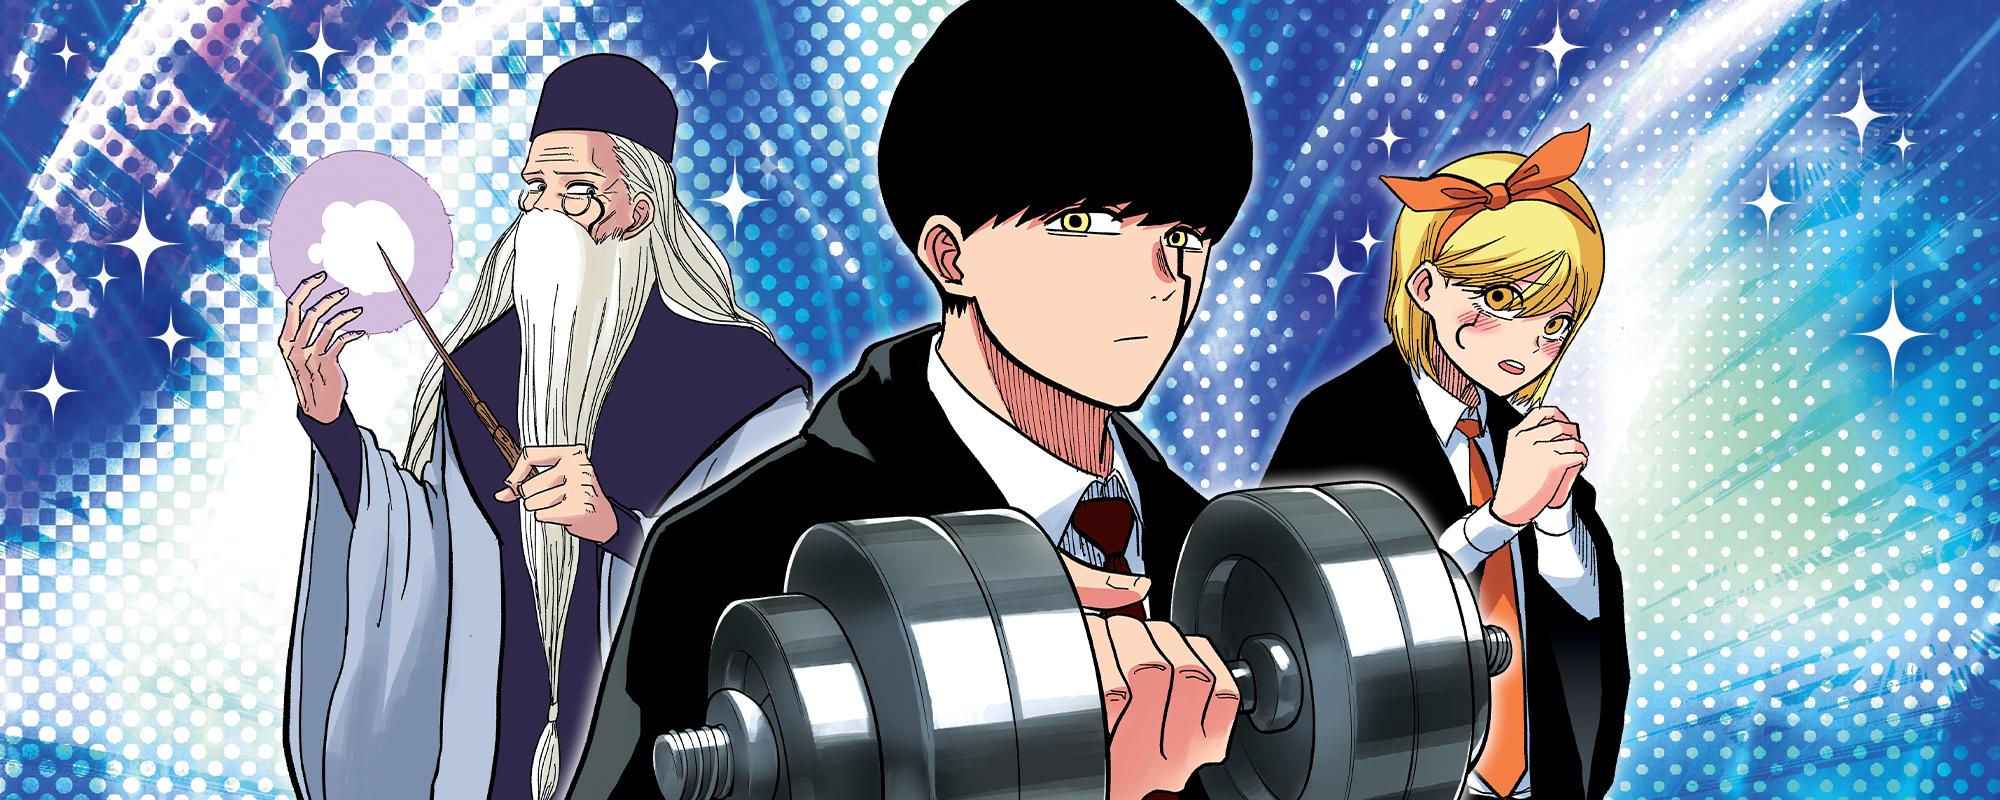 Una imagen de banner que anuncia el lanzamiento de Viz Manga de Mashle: Magic and Muscles, un manga cómico de fantasía de Hajime Komoto.